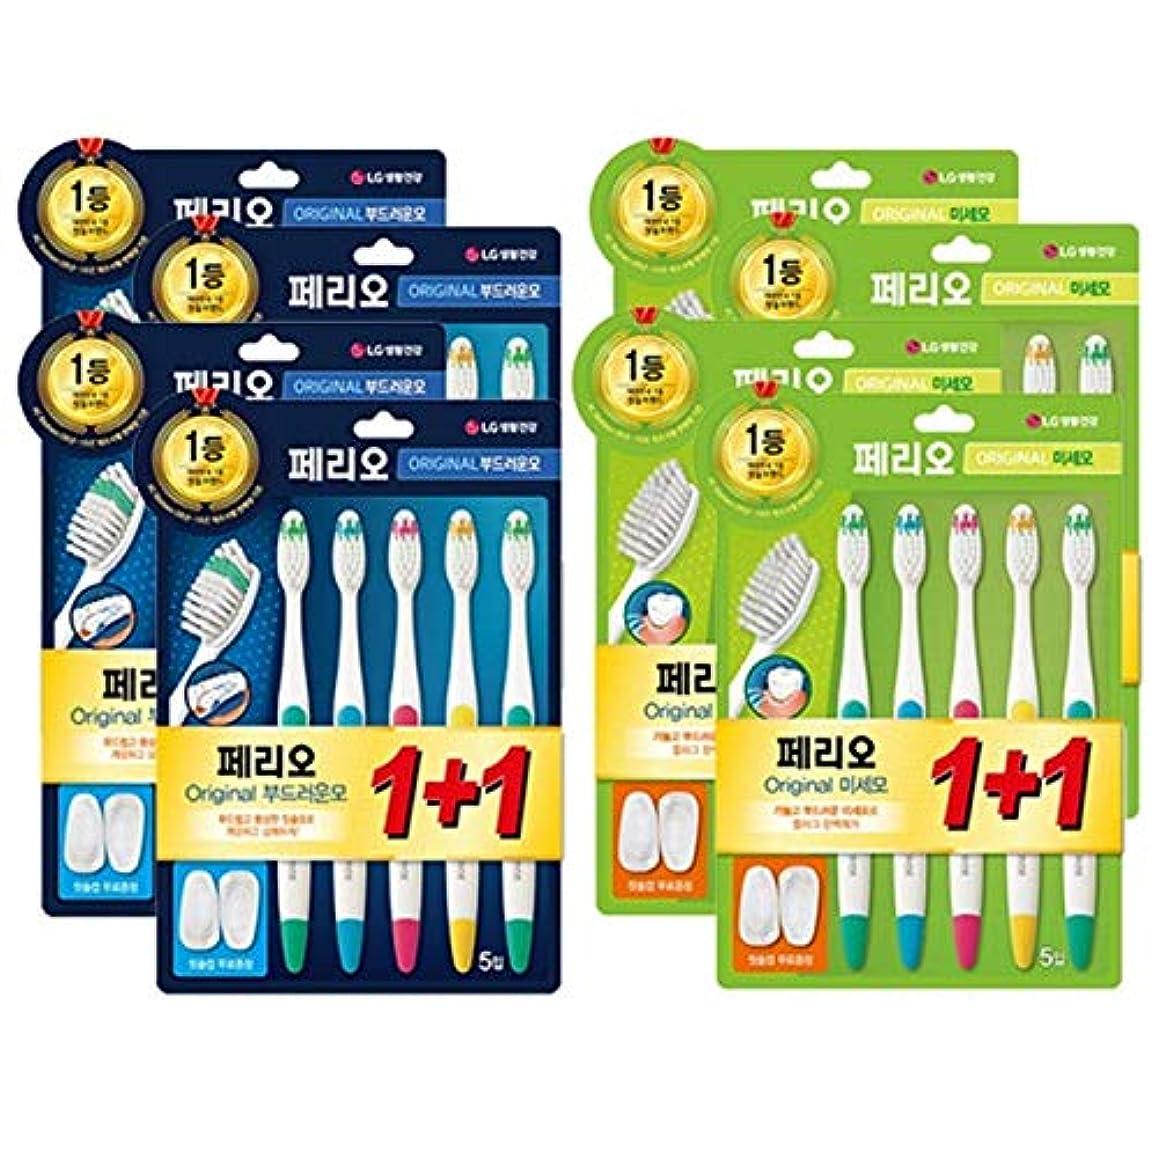 強調する避難するシマウマ[LG HnB] Perio original toothbrush/ペリオオリジナル歯ブラシ 10口x4個(海外直送品)